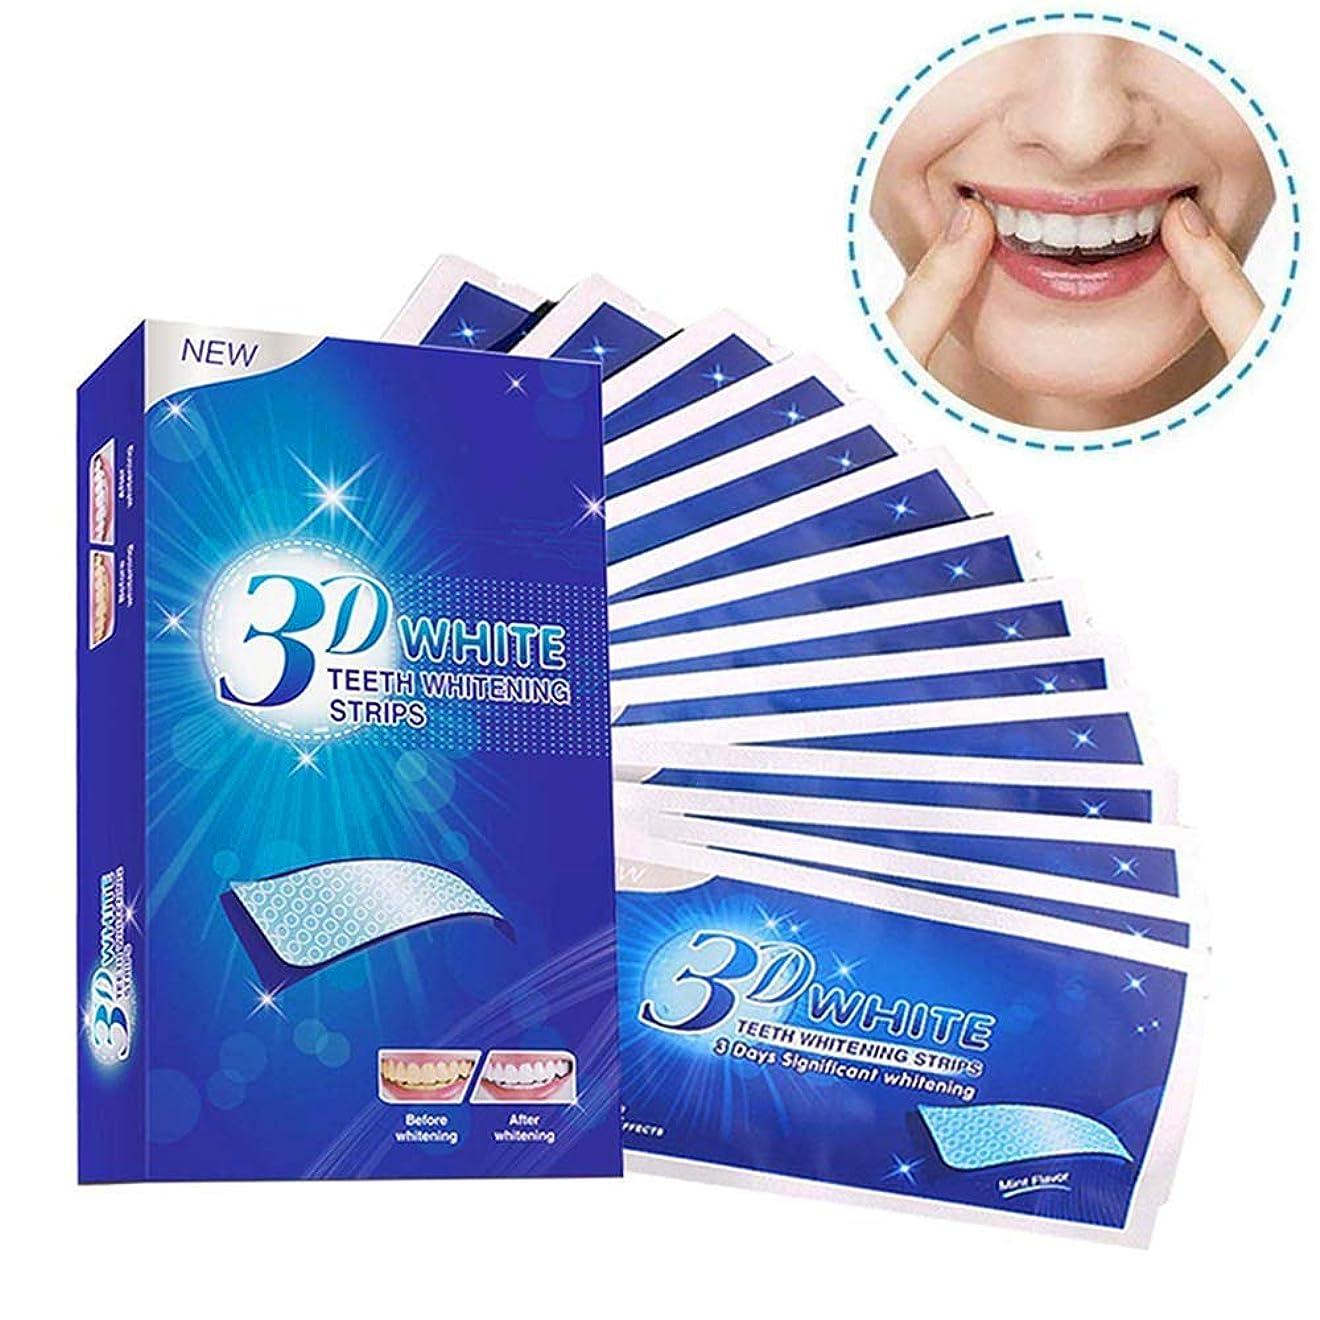 部分農奴接続歯 美白 ホワイトニング マニキュア 歯ケア 歯のホワイトニング 美白歯磨き 歯を白 ホワイトニングテープ 歯を漂白 7セット/14枚 (7セット/14枚)